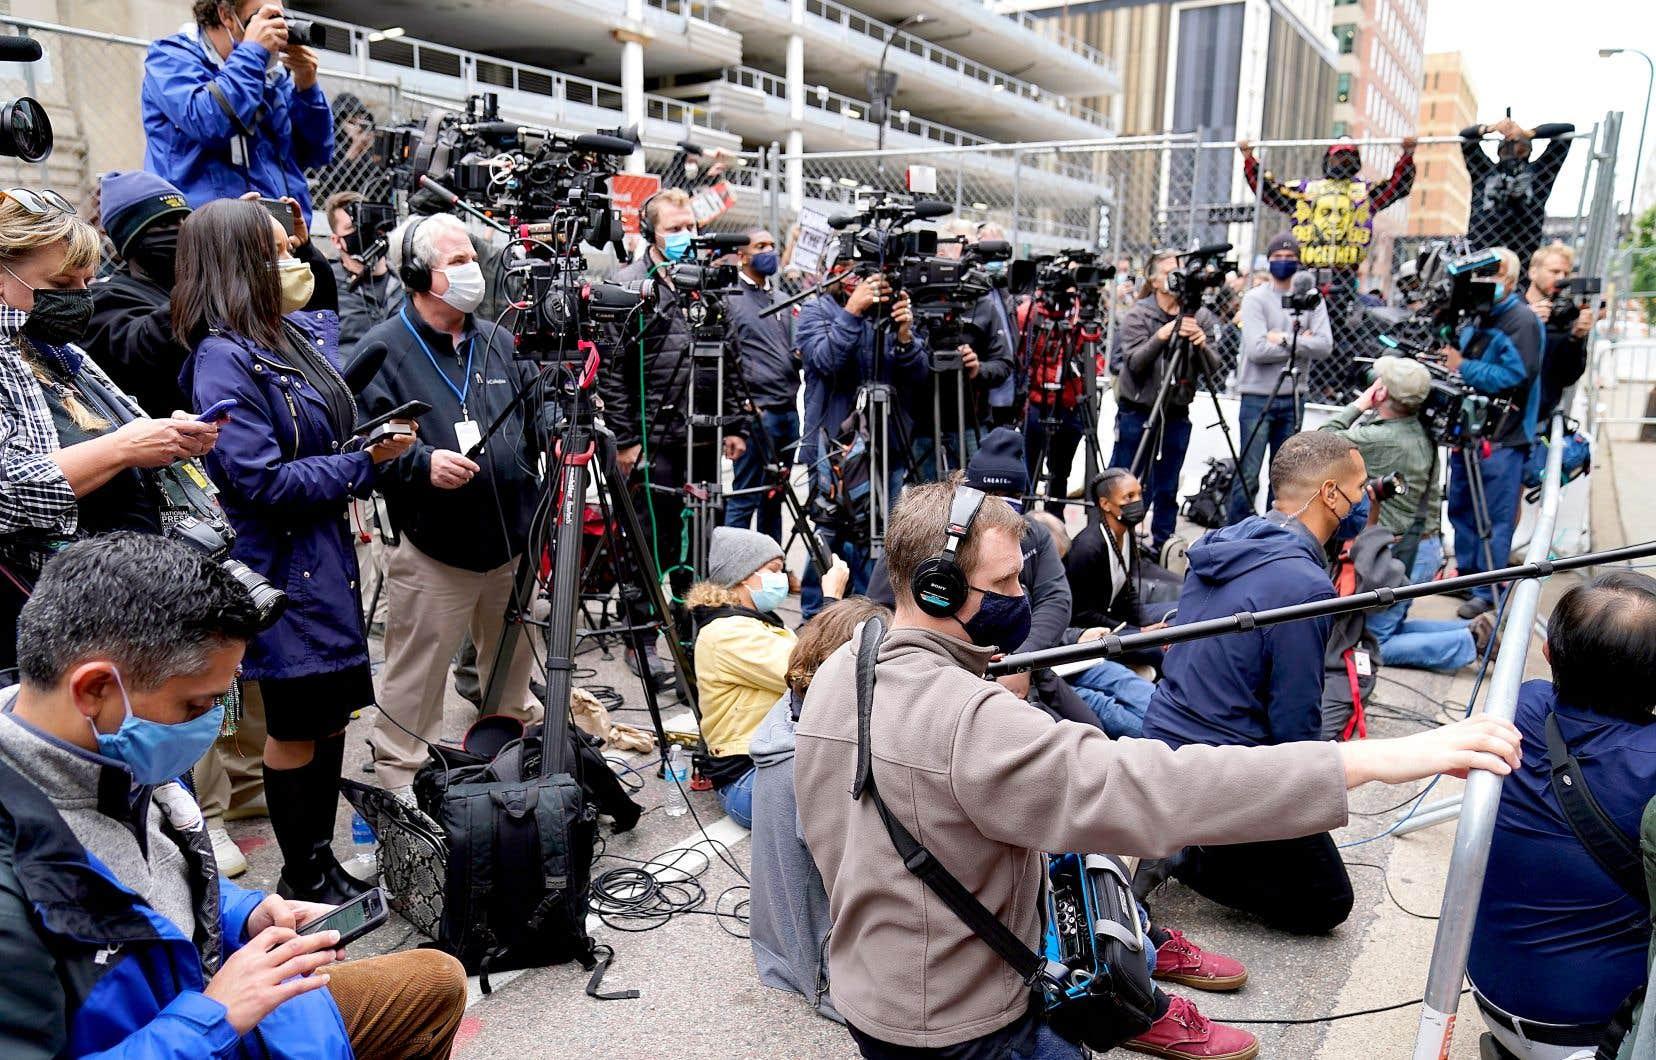 La pandémie aura eu comme effet secondaire d'accentuer solidement une crise des médias déjà délétère pour ceux-ci. Une crise qui dure depuis si longtemps qu'il vaudrait mieux changer ce terme, qui laisse croire que la situation est temporaire, comme le mentionne Mickaël Bergeron.